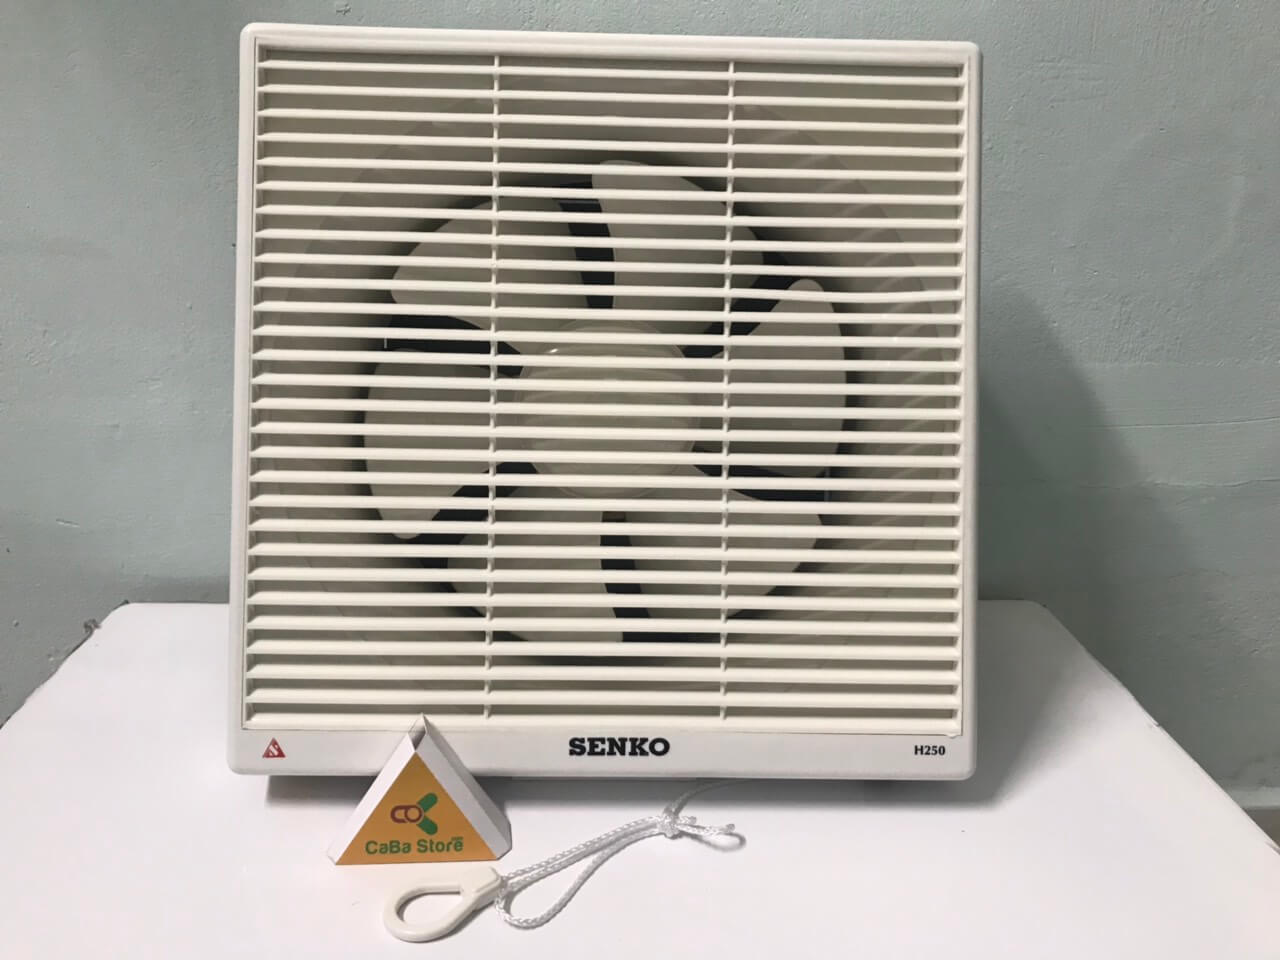 Quạt hút Senko H250 2 chế độ gió - Bền bỉ - Vận hàng êm ái